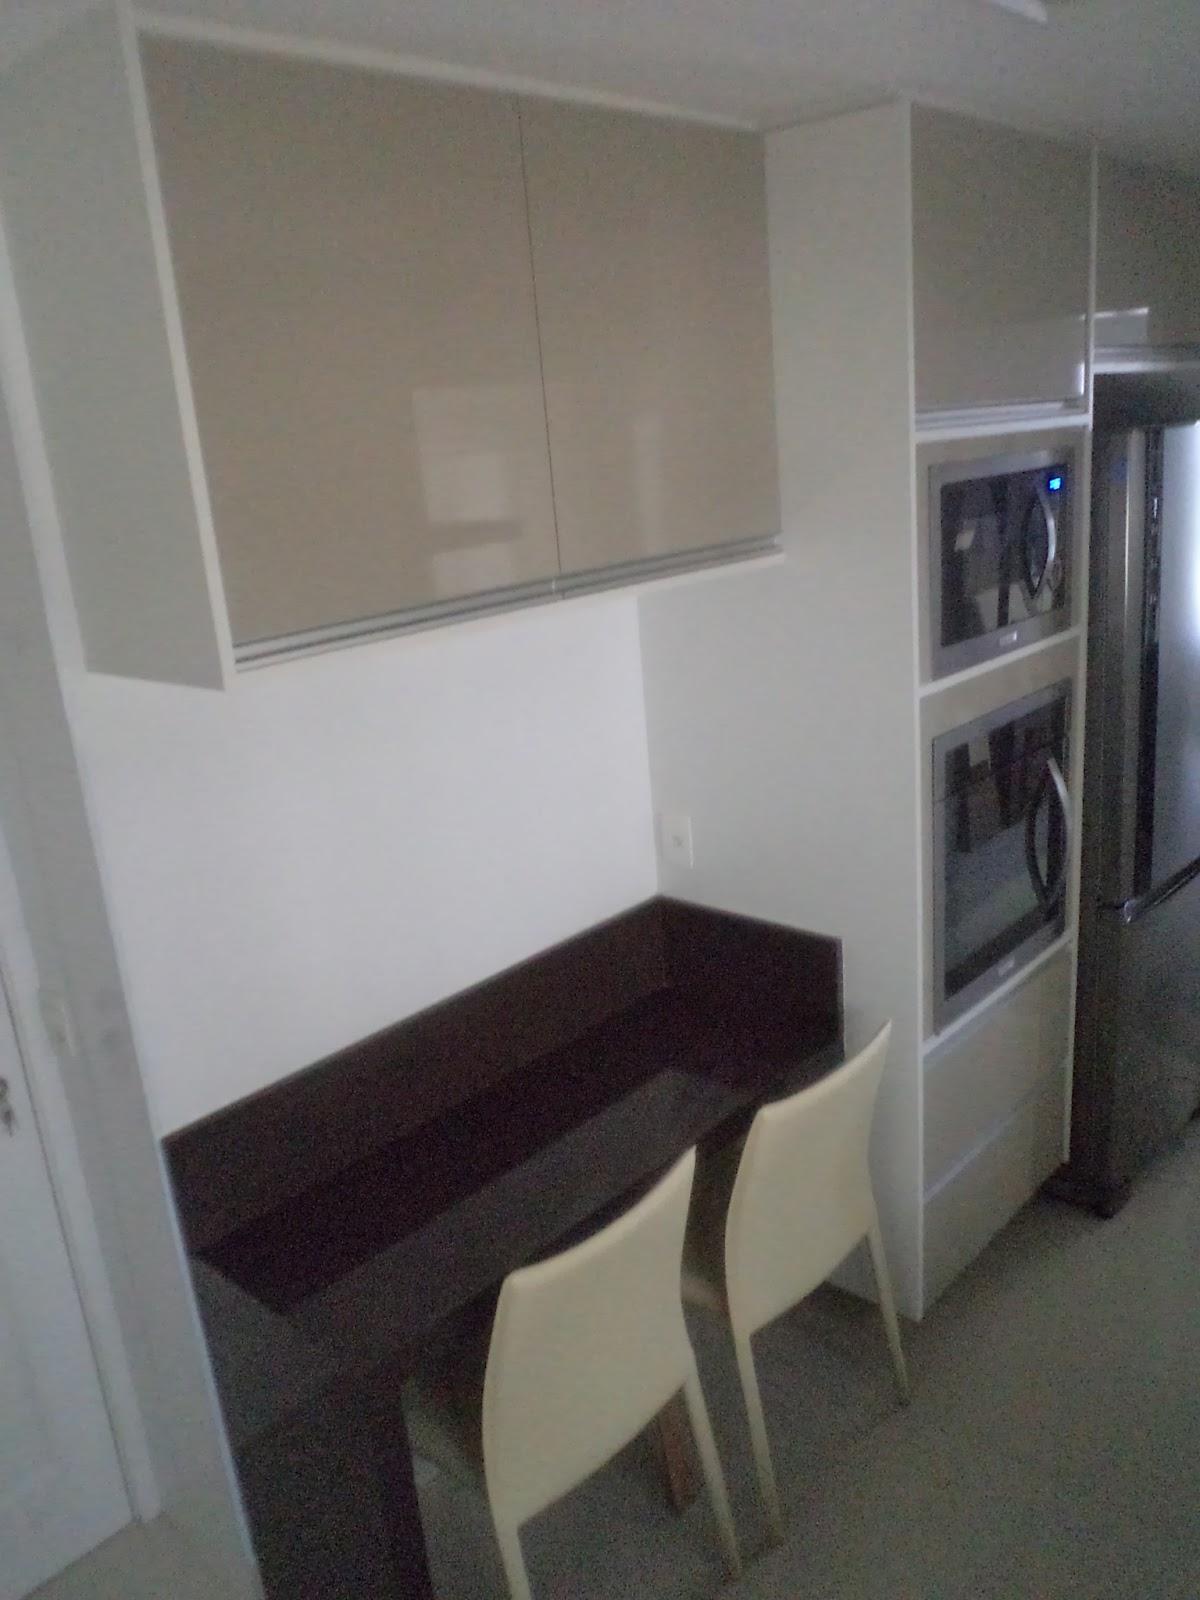 Bancada para refeições rápidas com armário superior torre para  #5B6470 1200x1600 Bancada Banheiro Tok Stok